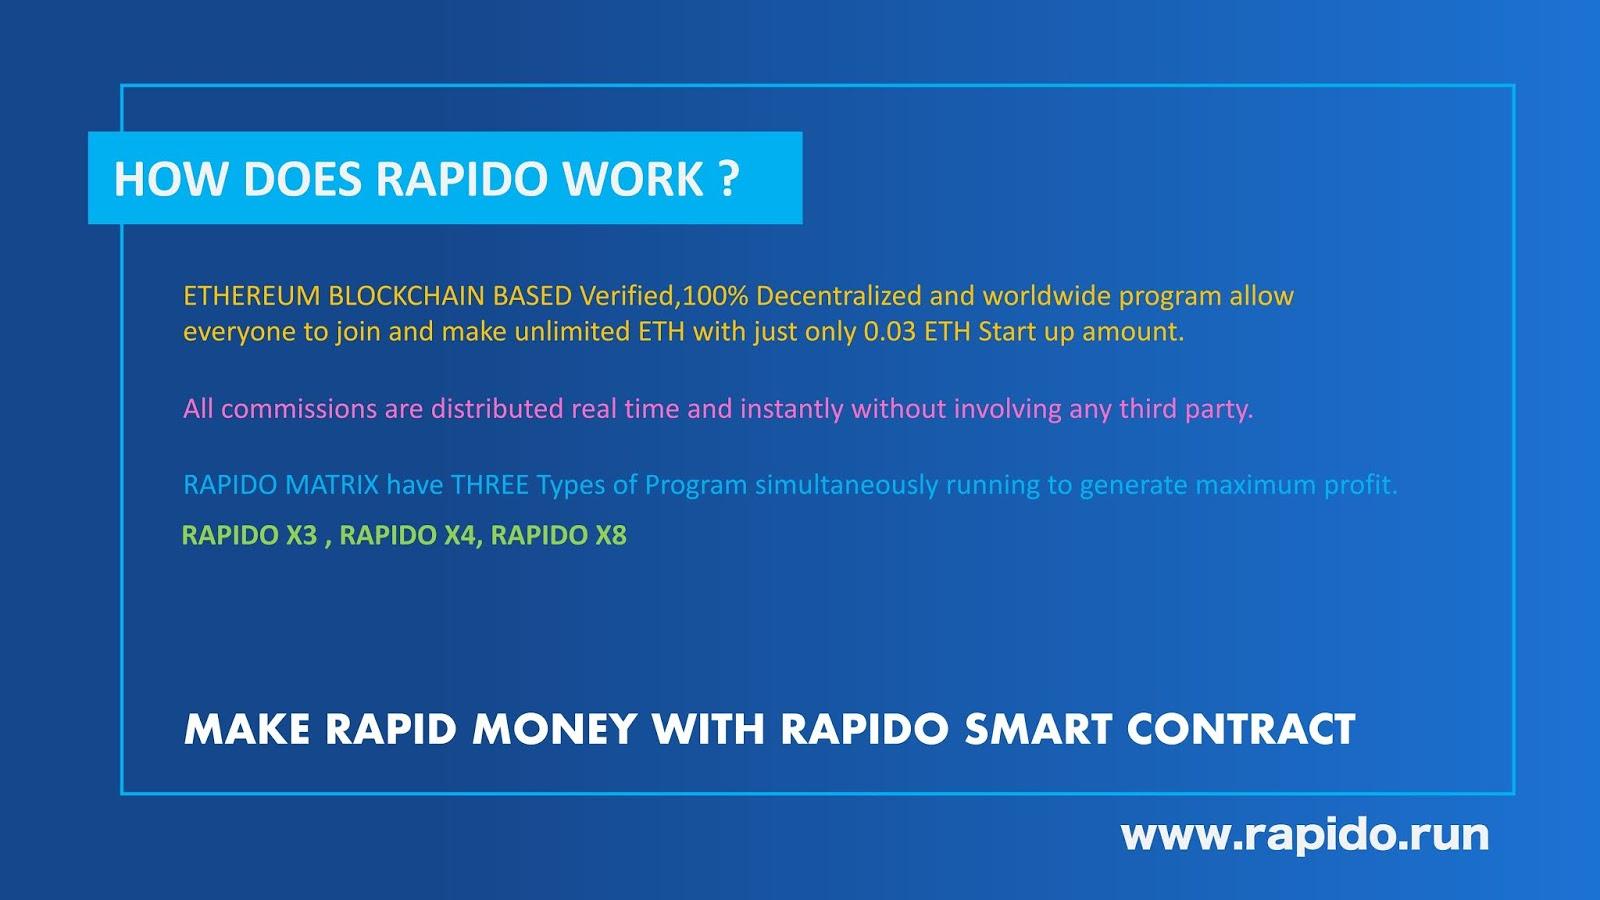 How Rapido run smart contract works